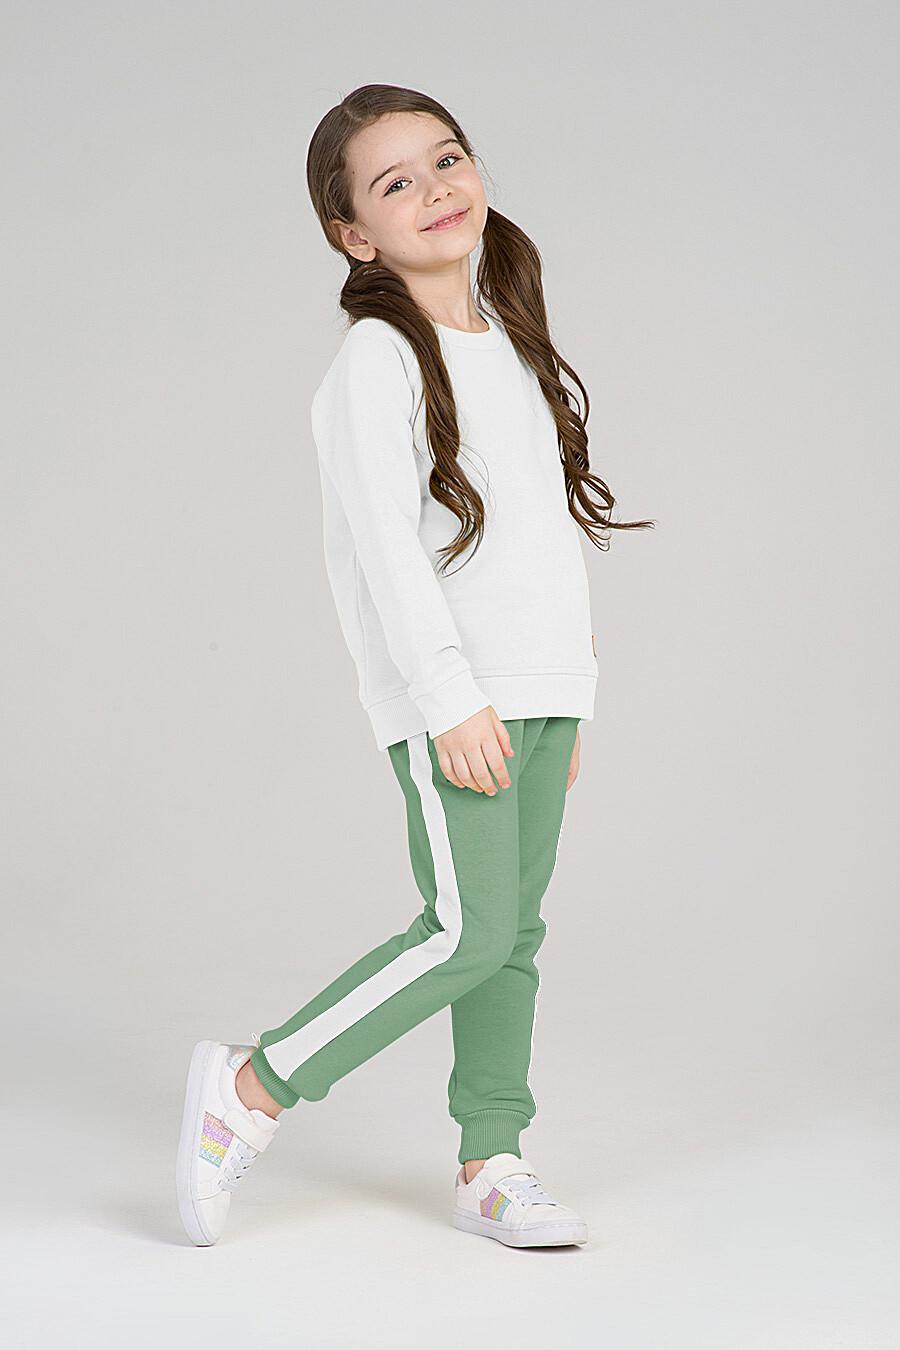 Свитшот для девочек EZANNA 668003 купить оптом от производителя. Совместная покупка детской одежды в OptMoyo